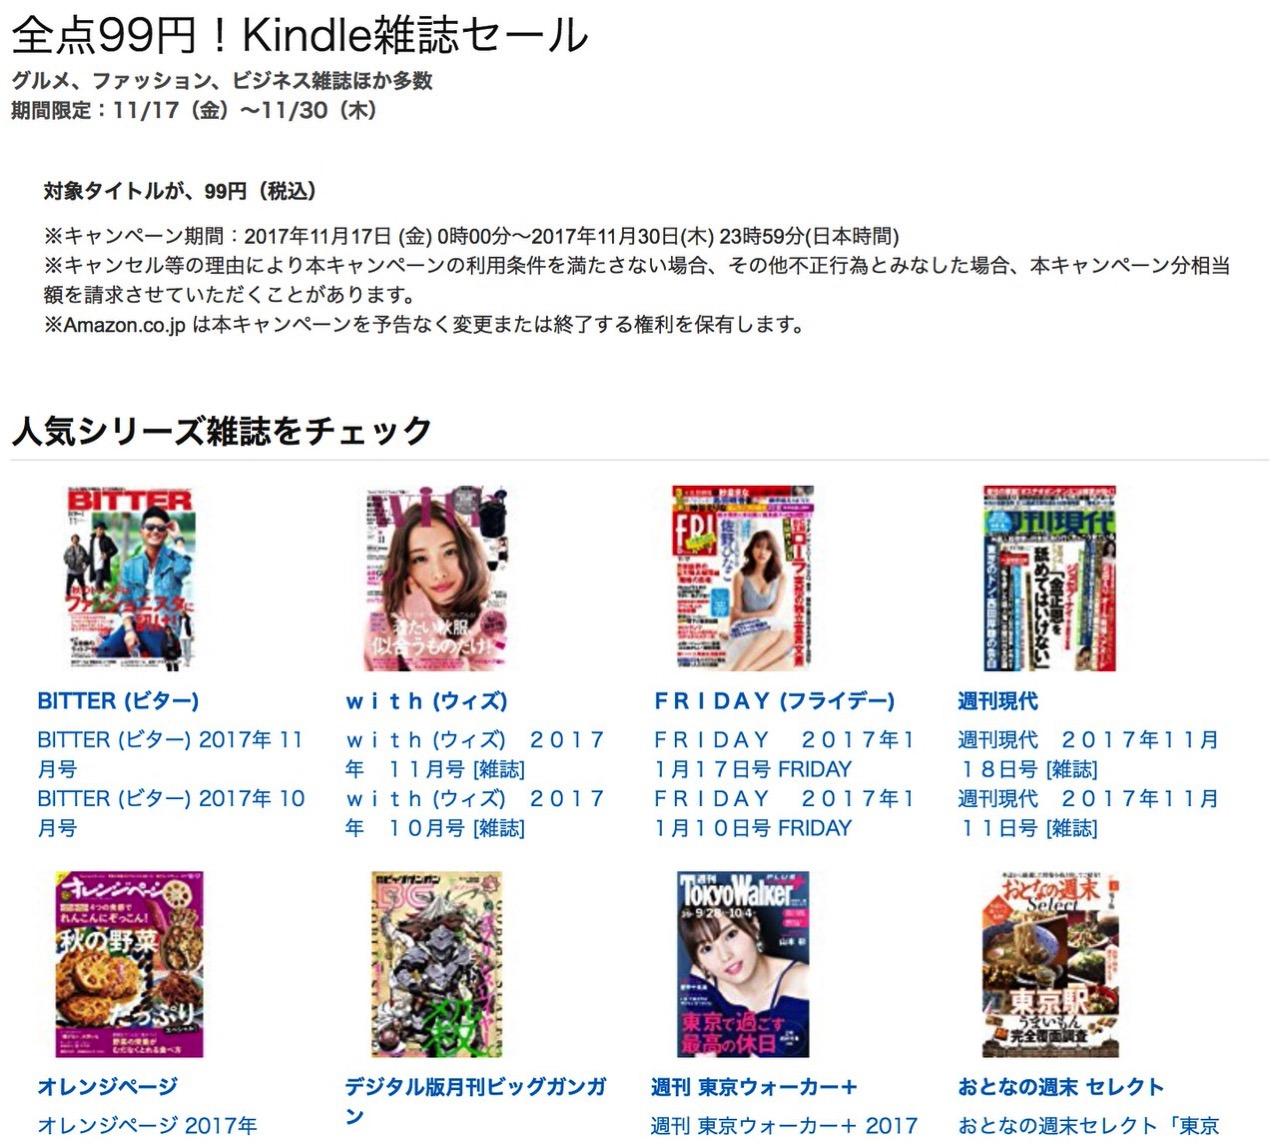 【Kindleセール】「全点99円!Kindle雑誌セール」(〜11/30)